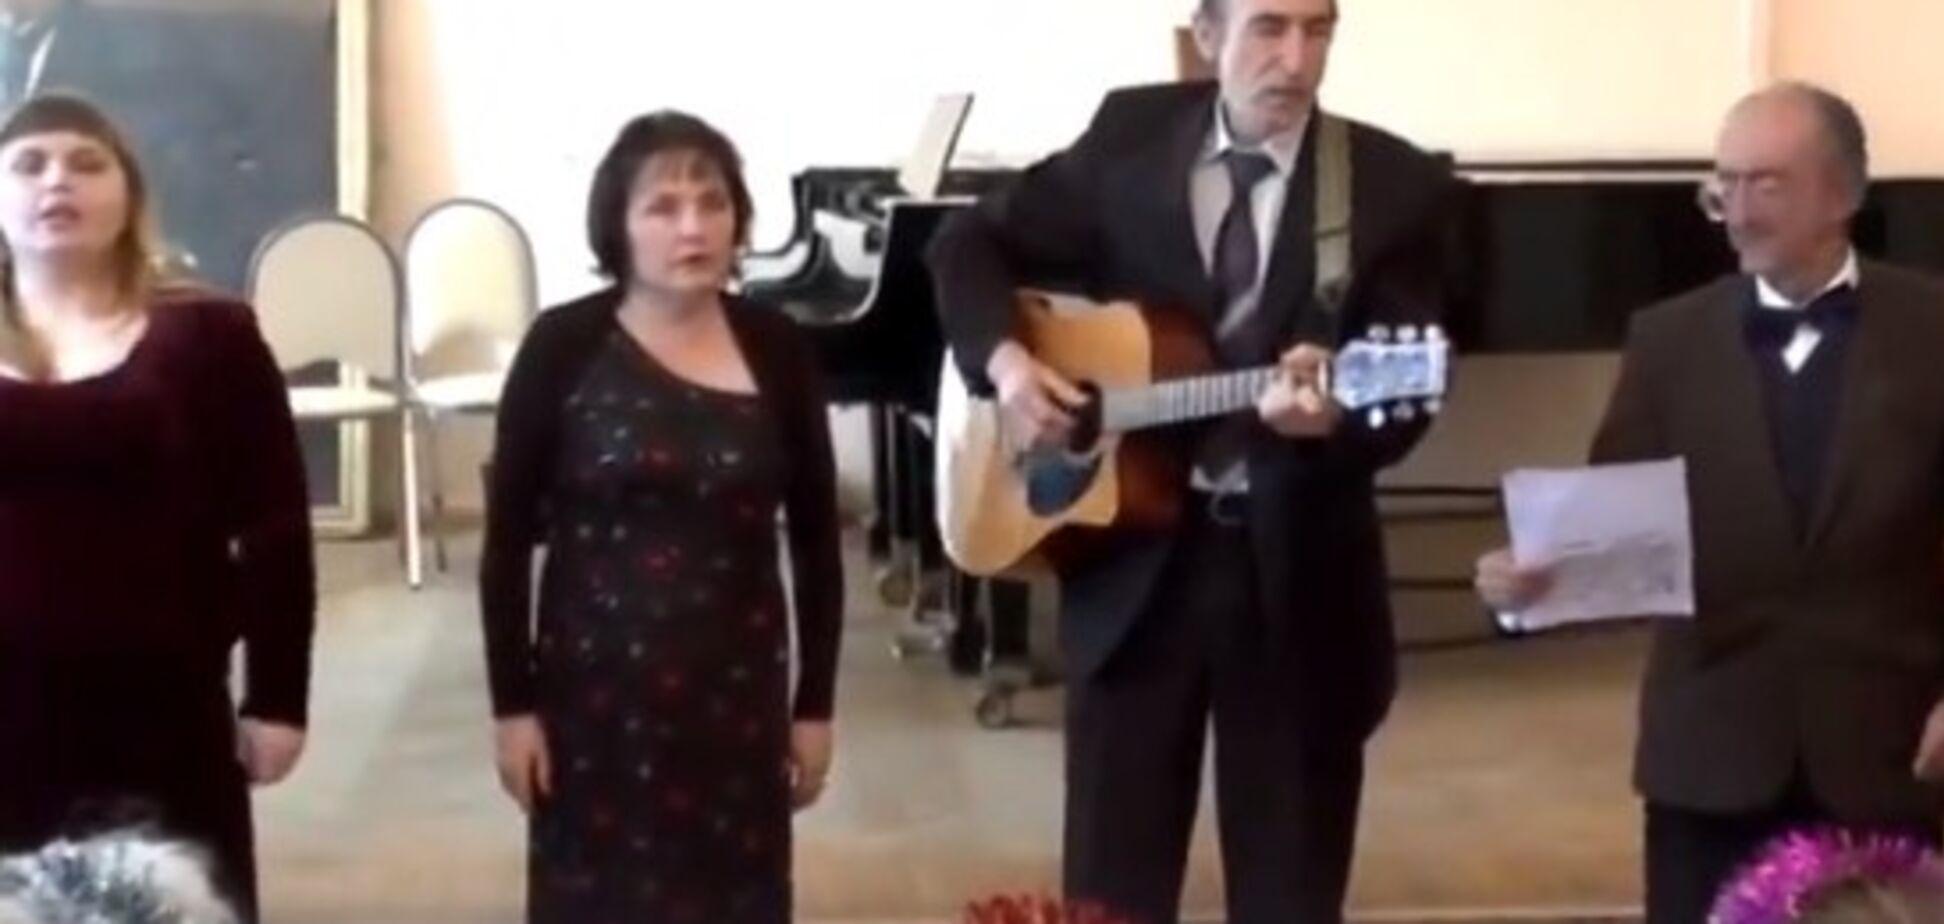 'Слухати соромно': російські пенсіонери склали пісню про Путіна